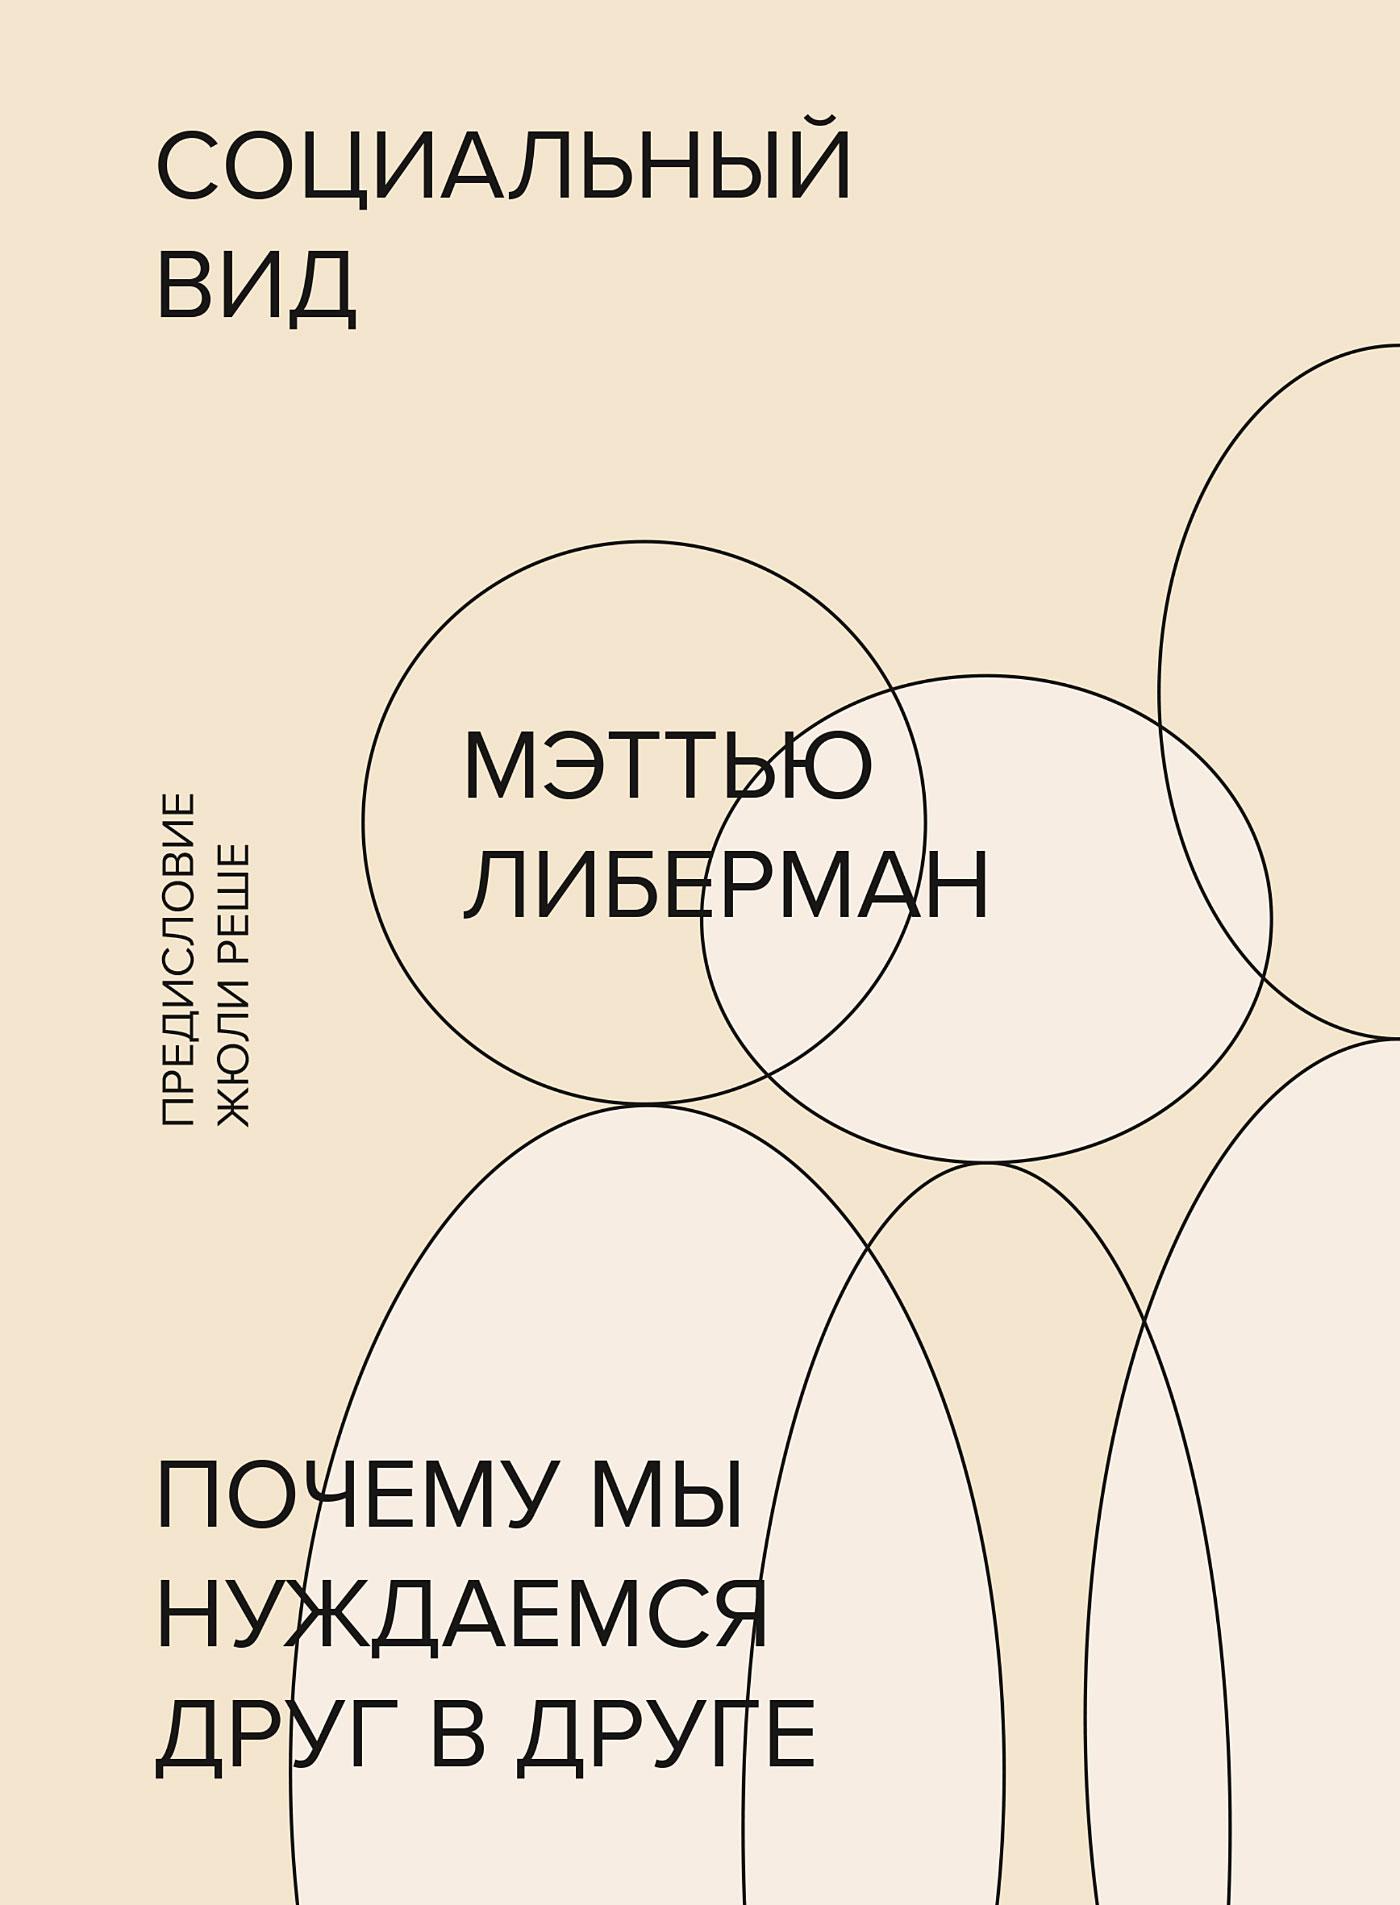 Купить книгу Социальный вид, автора Мэттью Либермана